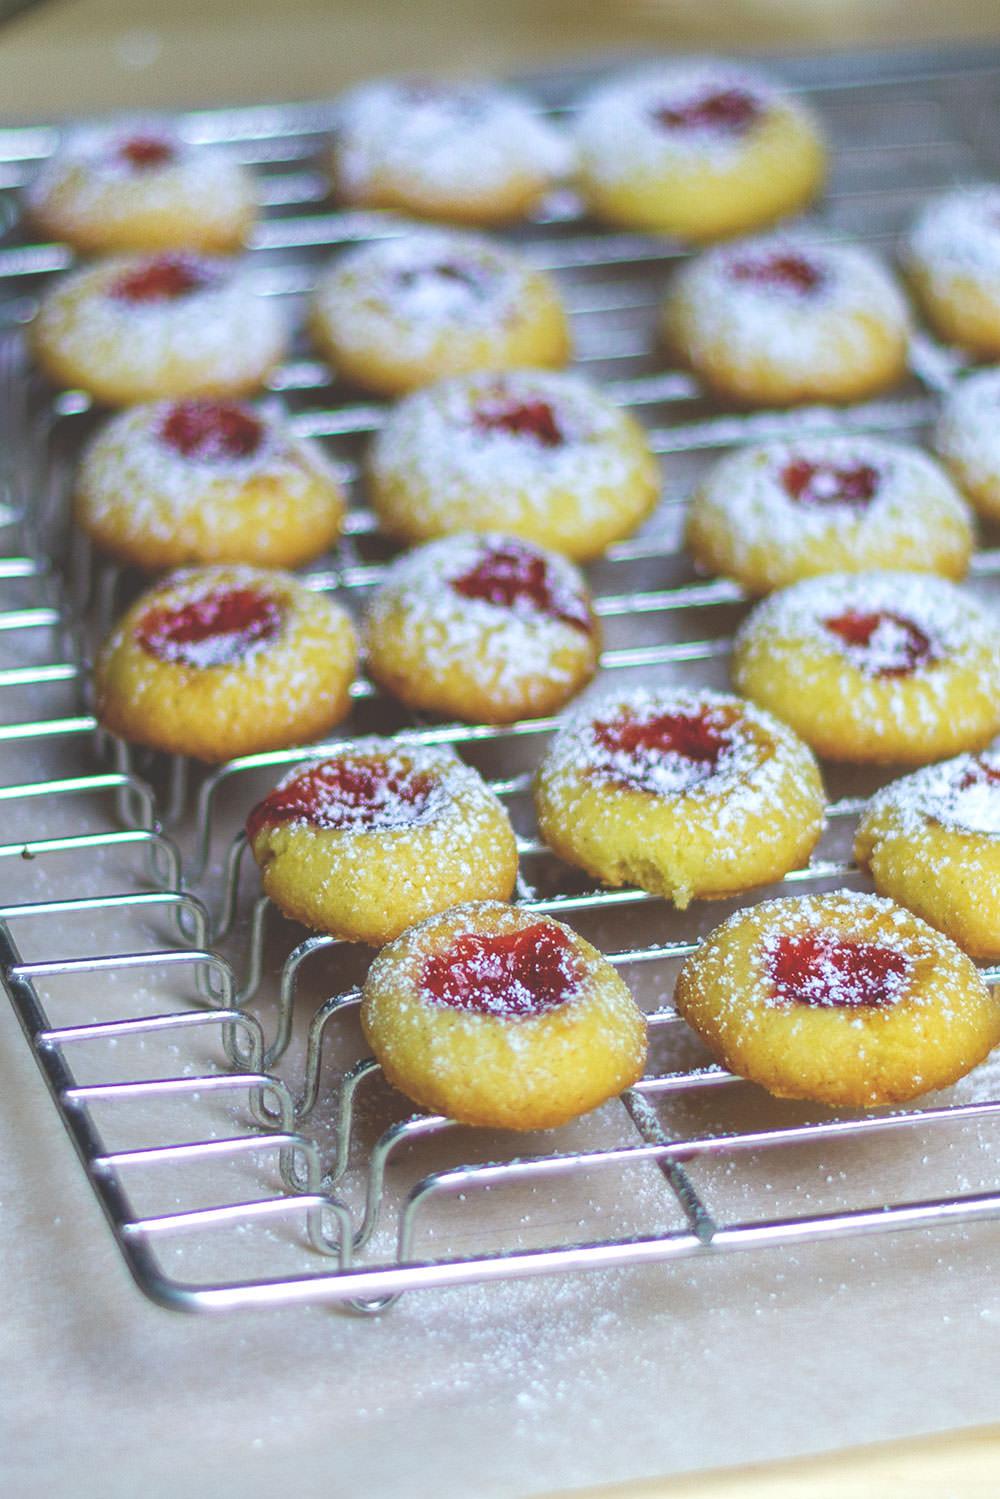 Rezept für klassische Weihnachtsplätzchen: Thumbprint Cookies kennt man auch als Engelsaugen oder Husarenkrapfen | moeyskitchen.com #weihnachtsplätzchen #thumbprintcookies #engelsaugen #husarenkrapfen #weihnachtsbäckerei #weihnachtskekse #foodblogger #rezepte